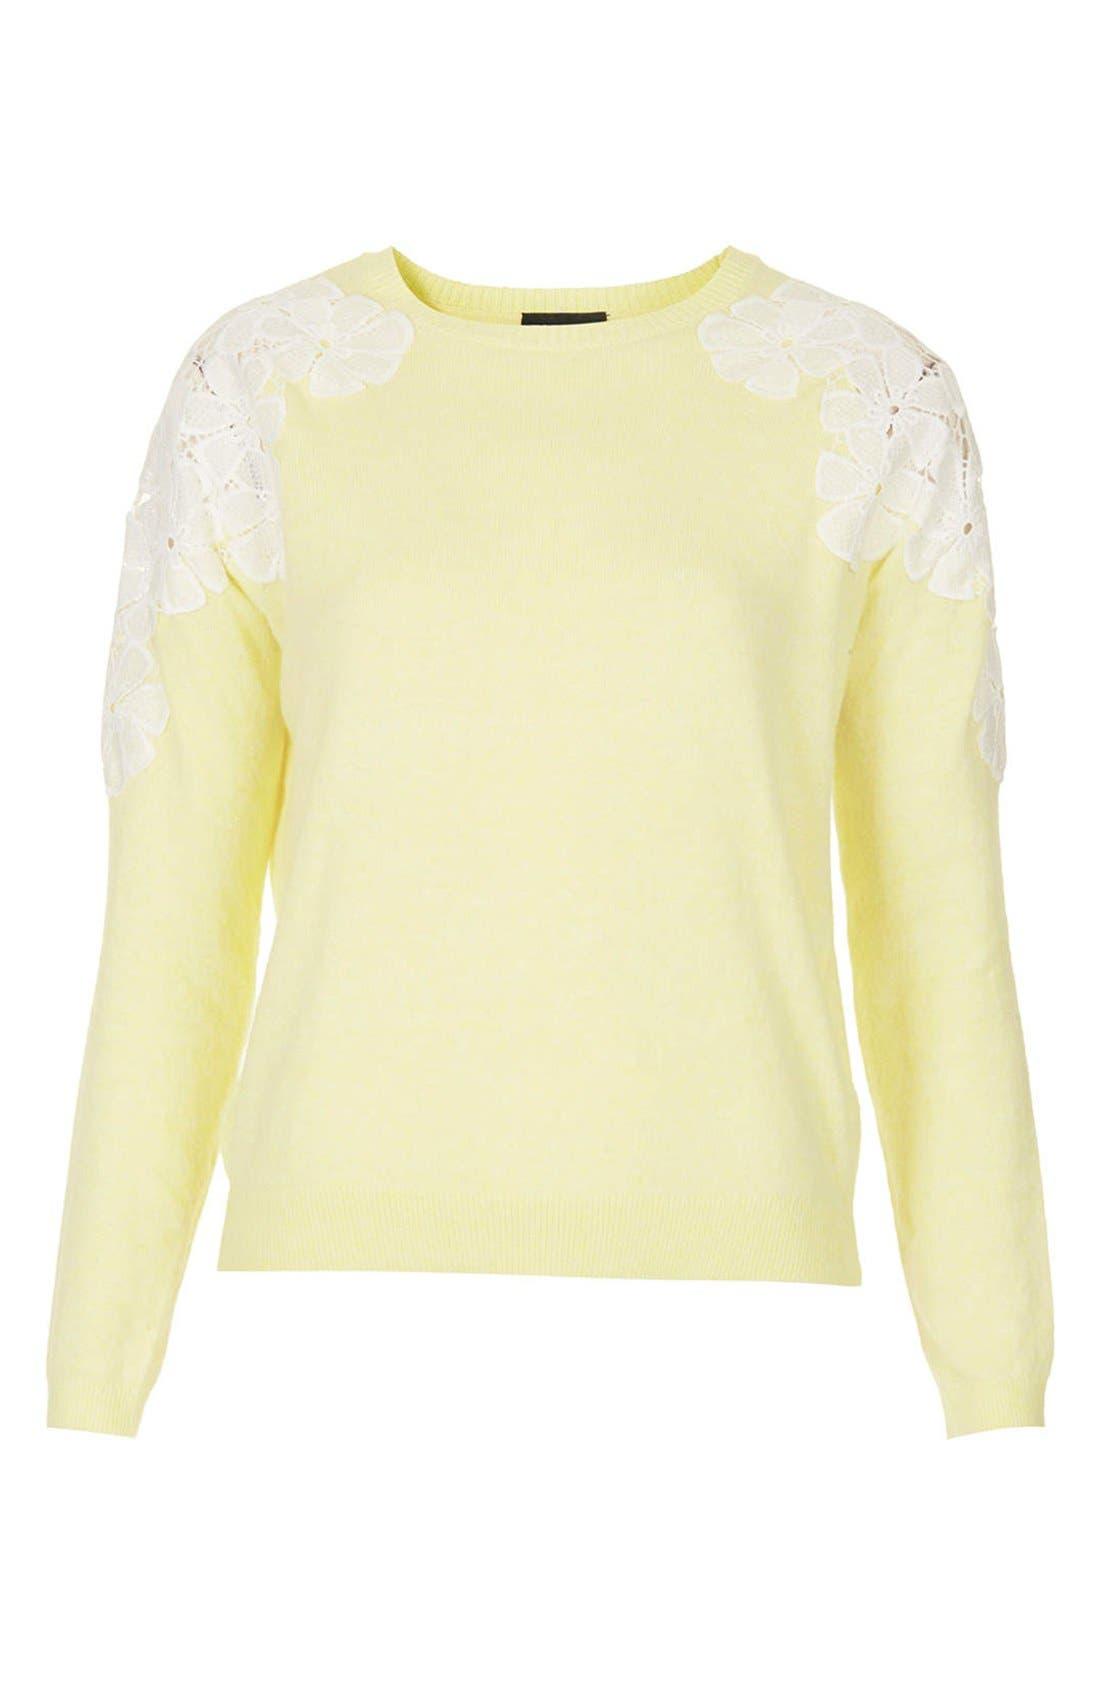 Alternate Image 3  - Topshop Embroidered Shoulder Knit Sweater